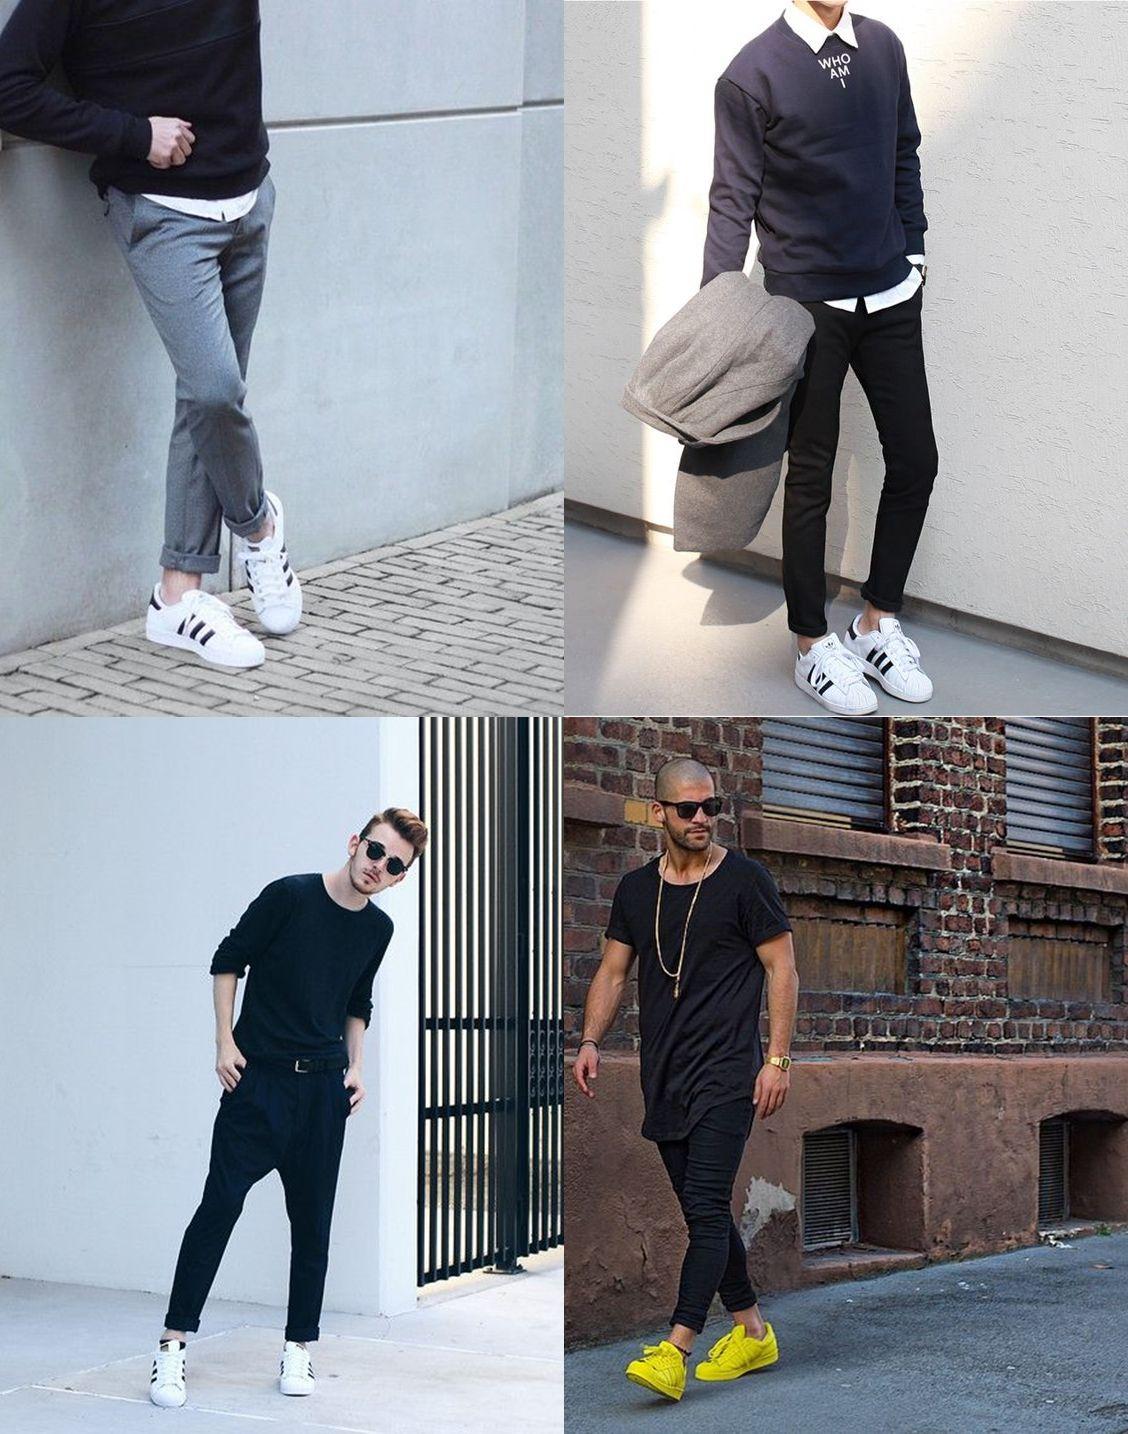 ef3ee1a0f8ff5 adidas originals, adidas superstar, moda masculina, calçado masculino, alex  cursino, moda sem censura, richard brito, blog de moda, dica de moda, ...